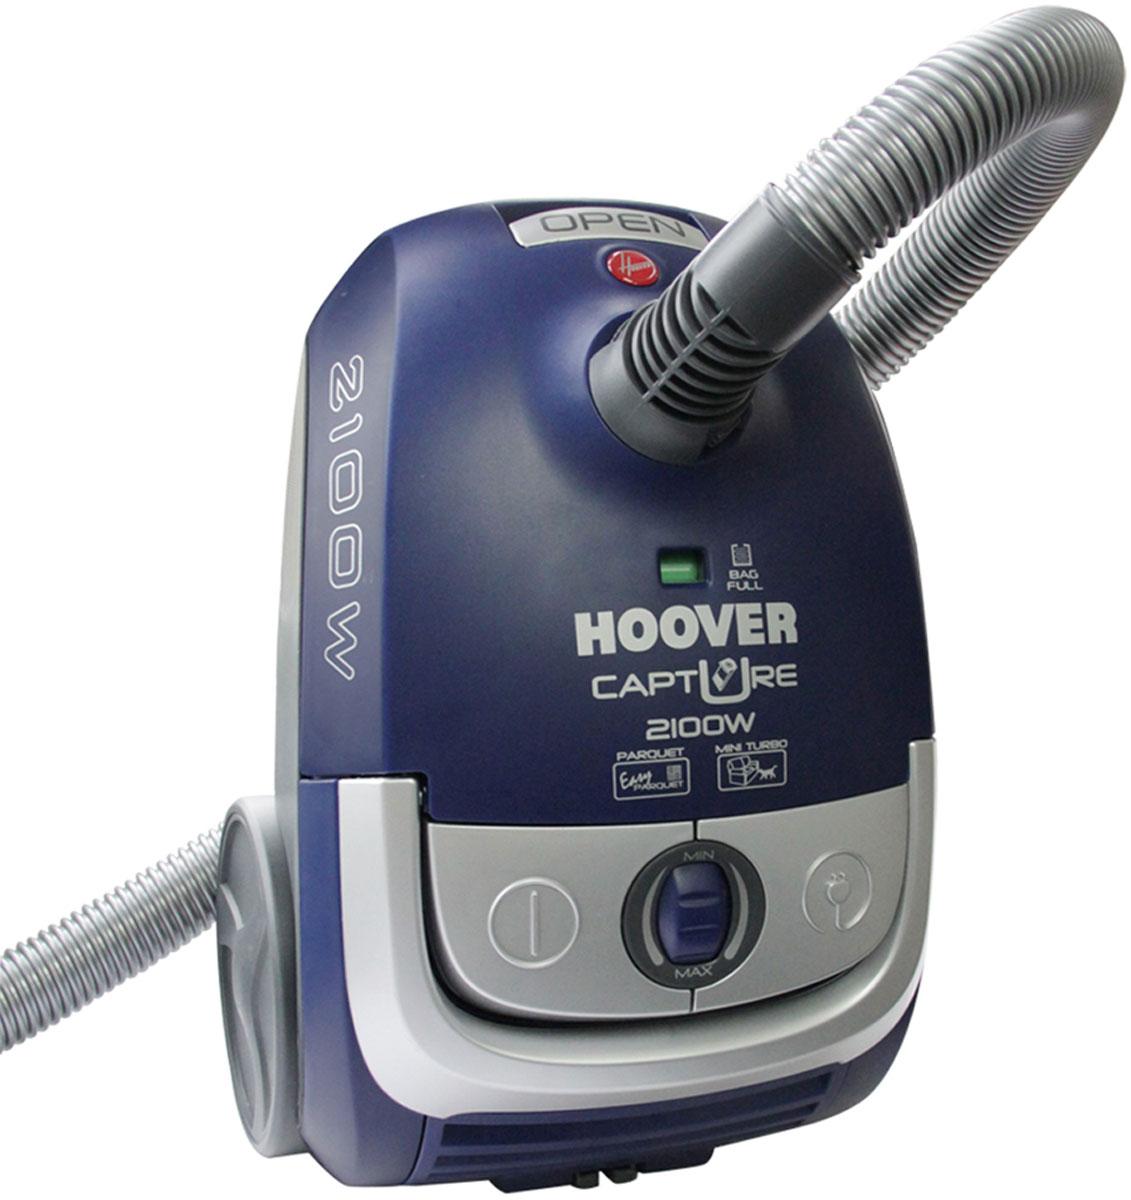 Hoover TCP2120 Capture пылесосTCP2120Hoover TCP2120 Capture - мощный и надежный пылесос, который предназначен для сухой уборки любых помещений. Легкодоступные кнопки управления, прочная телескопическая алюминиевая труба и колеса, вращающиеся на 360 градусов, превратят уборку в удовольствие. Пылесос оснащен пылесборником объемом 2,3 литра со специальным закрывающимся стикером для простой и гигиеничной процедуры замены. О необходимости очищения пылевого мешка вас проинформирует специальный индикатор. Помимо основной насадки, в комплект пылесоса Hoover TCP2020 входит щелевая насадка для очистки труднодоступных мест, турбо-щетка, щеточка для пыли 2 в 1 и специальная насадка для паркета Easy Parquet. Выходной микрофильтр задерживает мельчайшие частички пыли, делая воздух в комнате свежее и чище, что важно для семей с детьми и аллергиков.